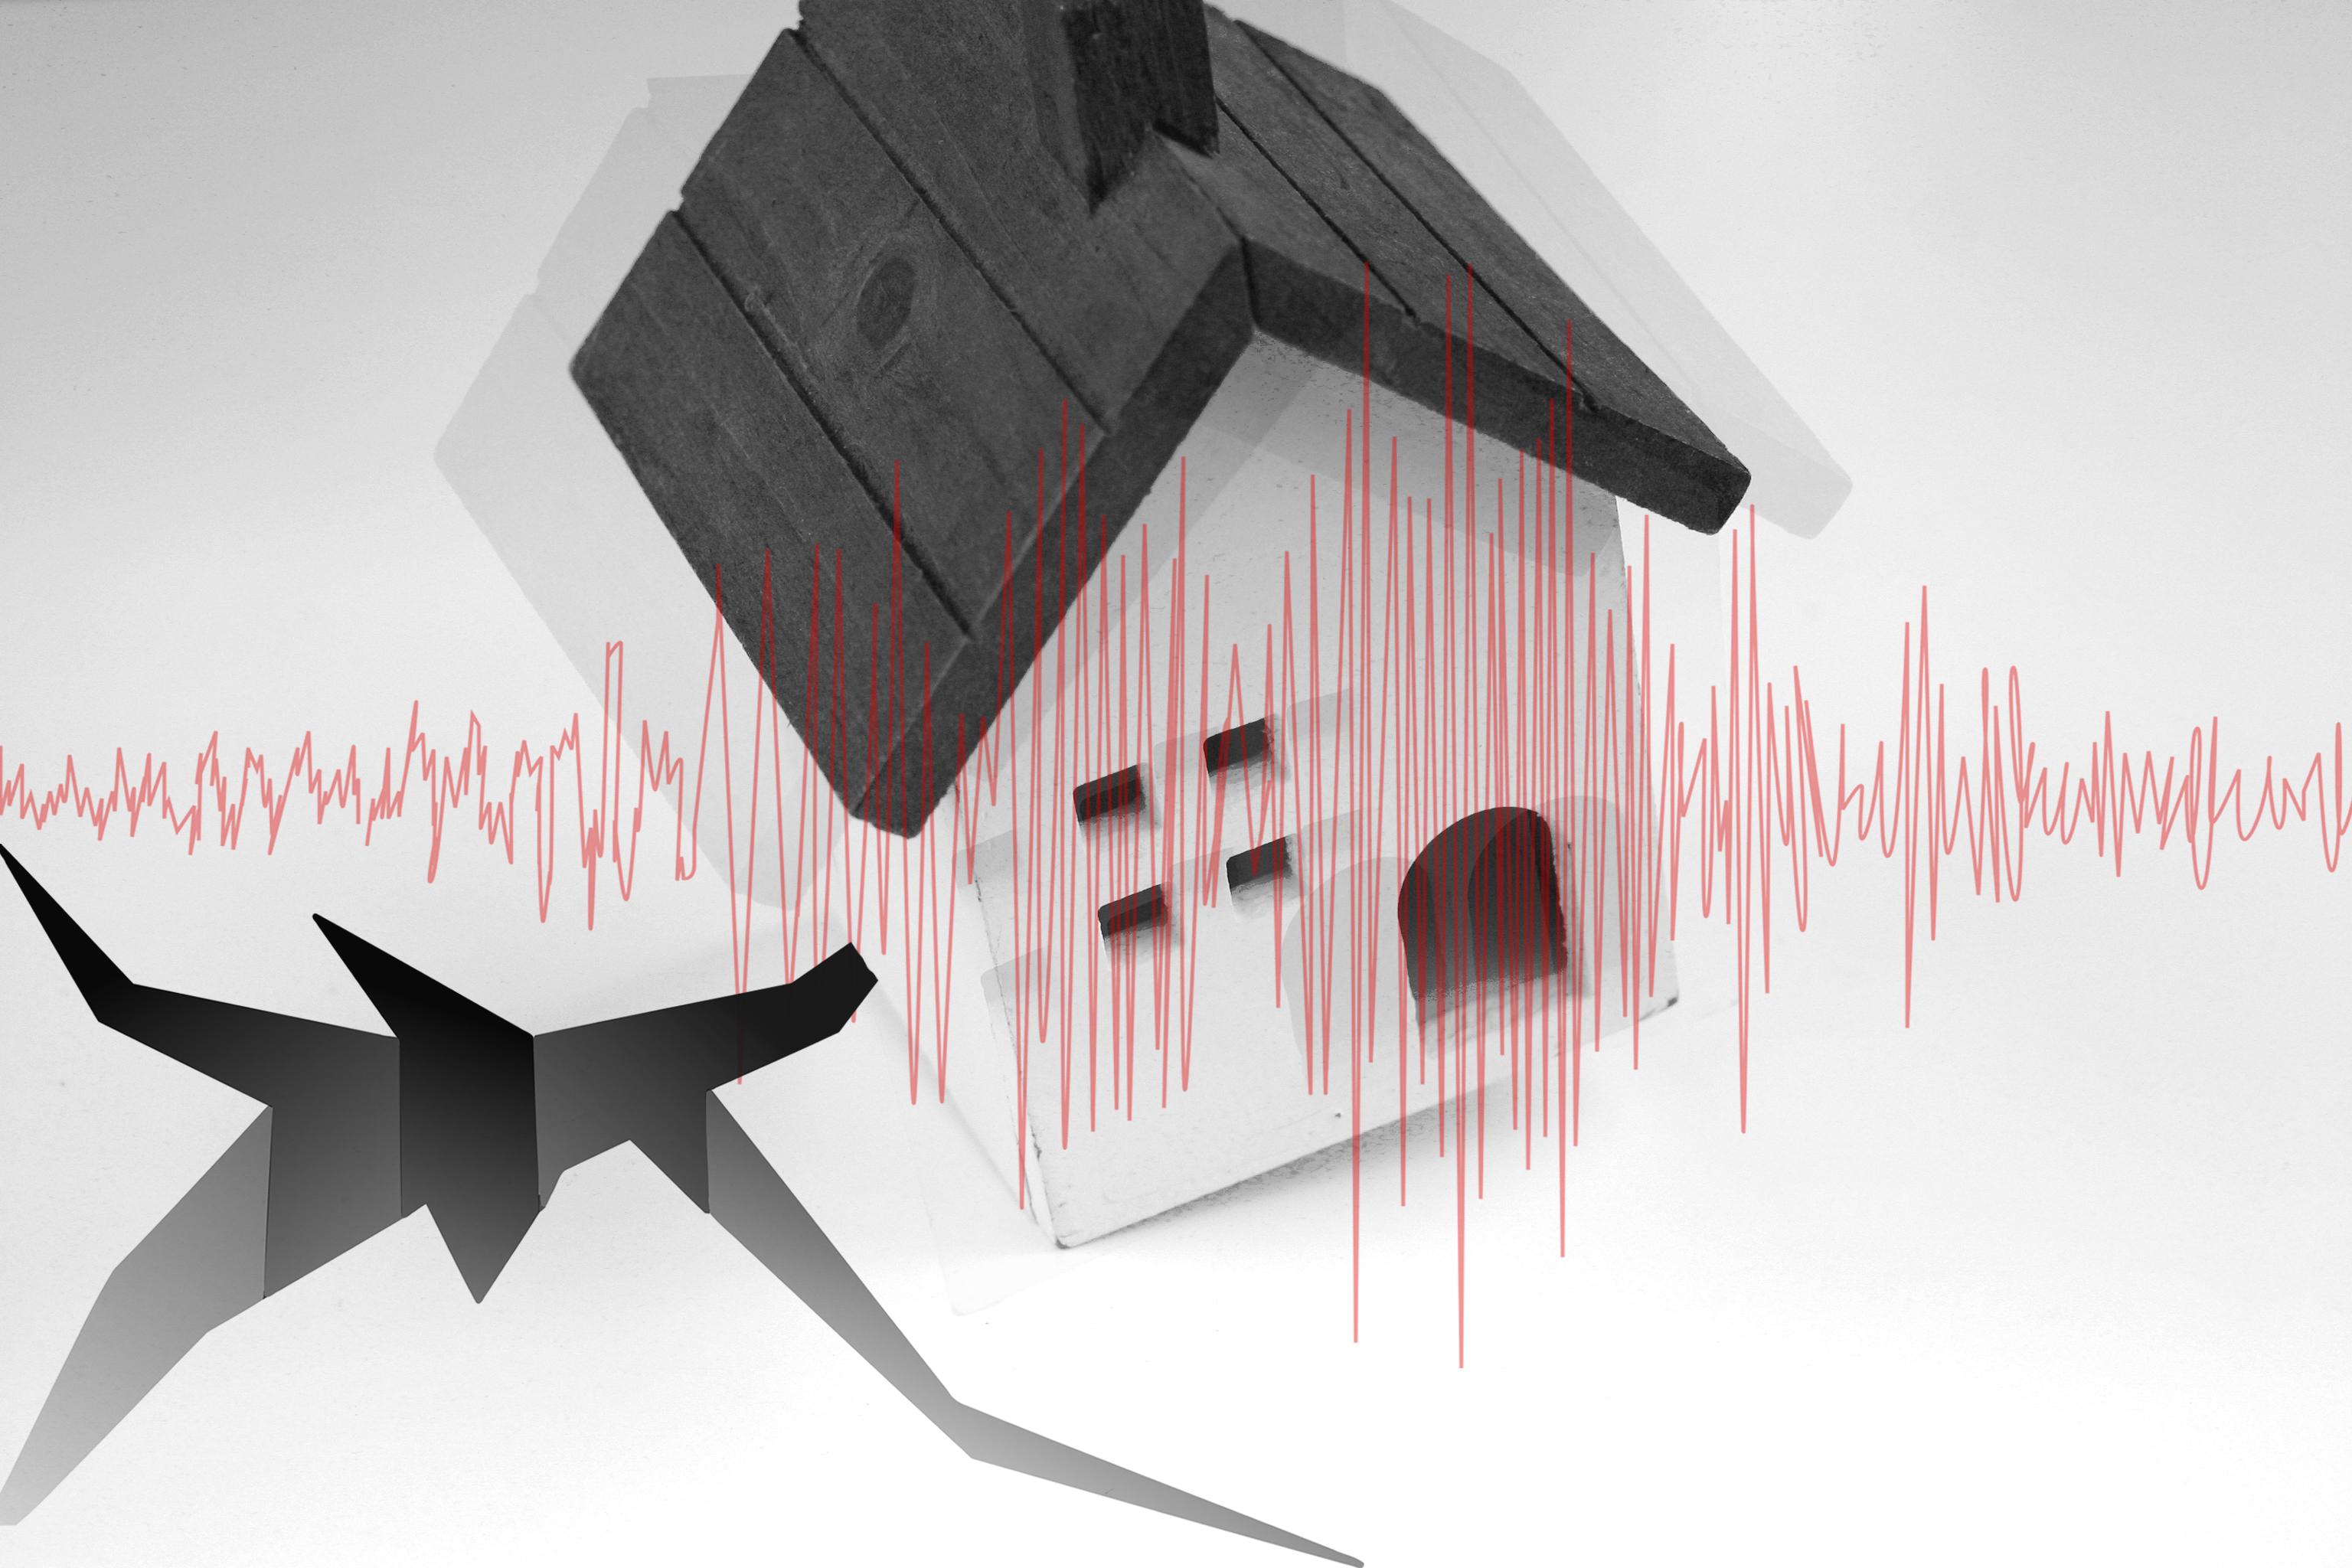 余震はなぜ起きる?~注意するポイント~